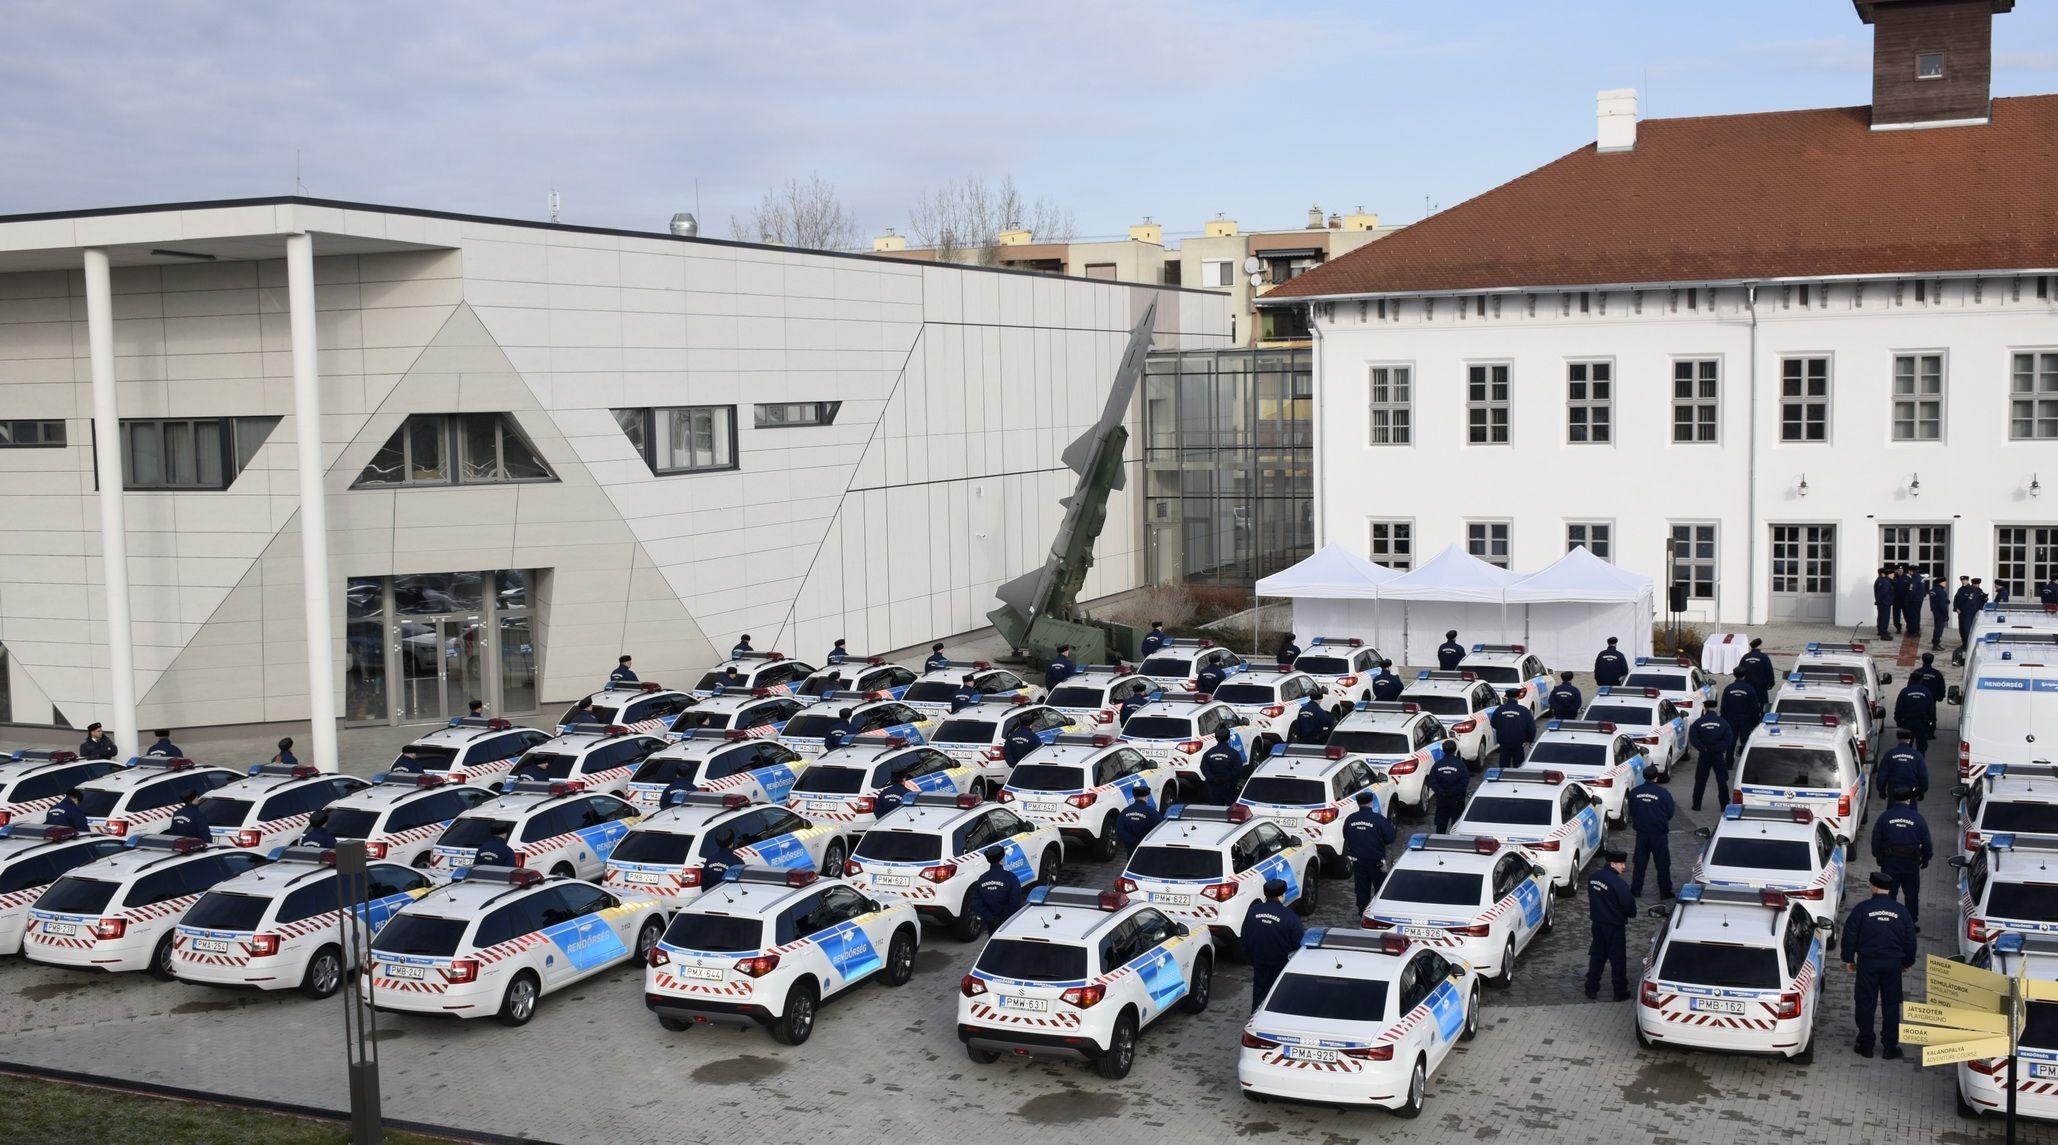 63 új szolgálati járművet kapott a Jász-Nagykun-Szolnok Megyei Rendőr-főkapitányság